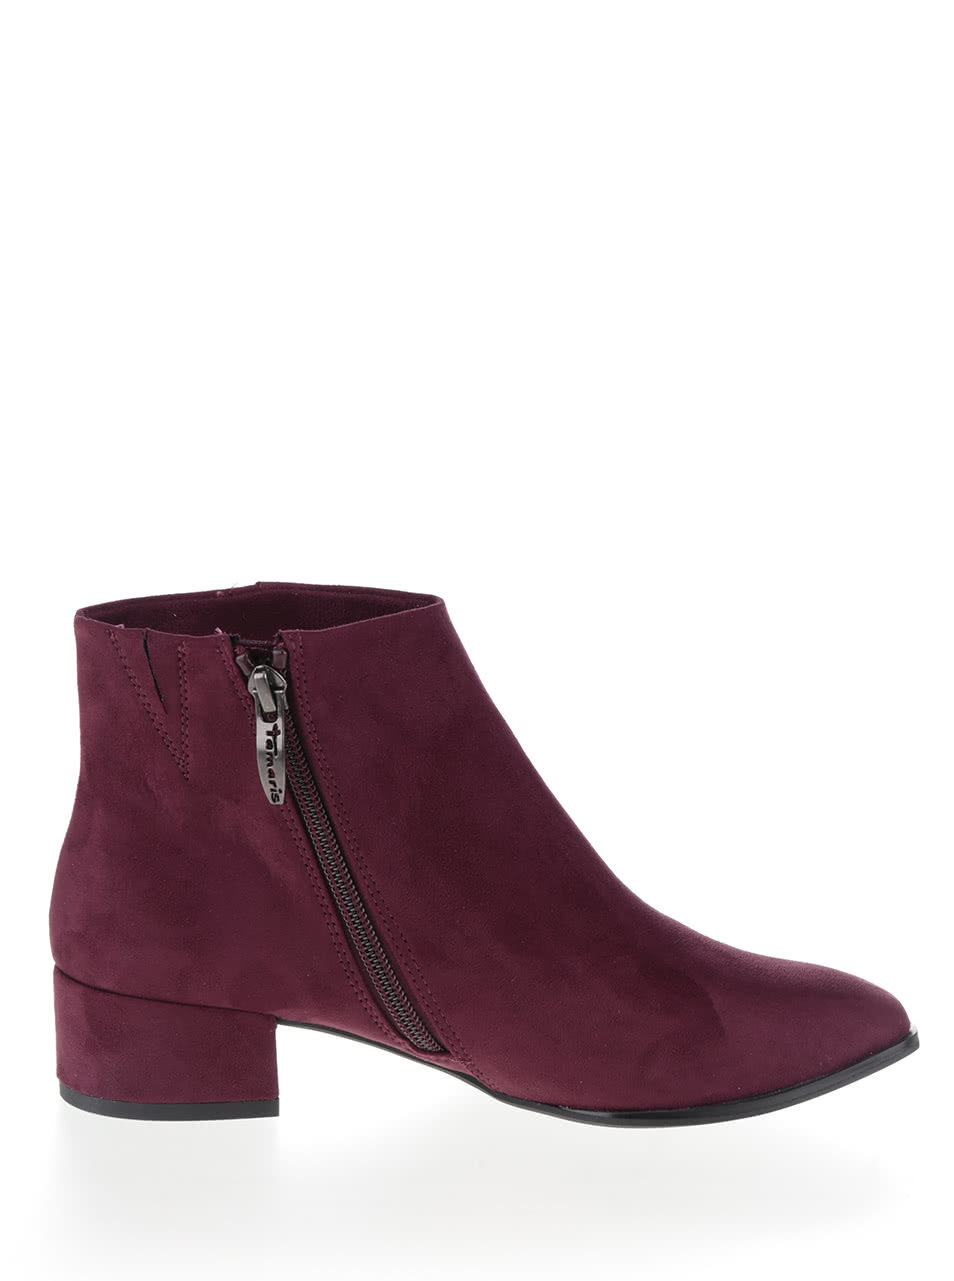 44d3a7a09b90 Vínové členkové topánky v semišovej úprave Tamaris ...